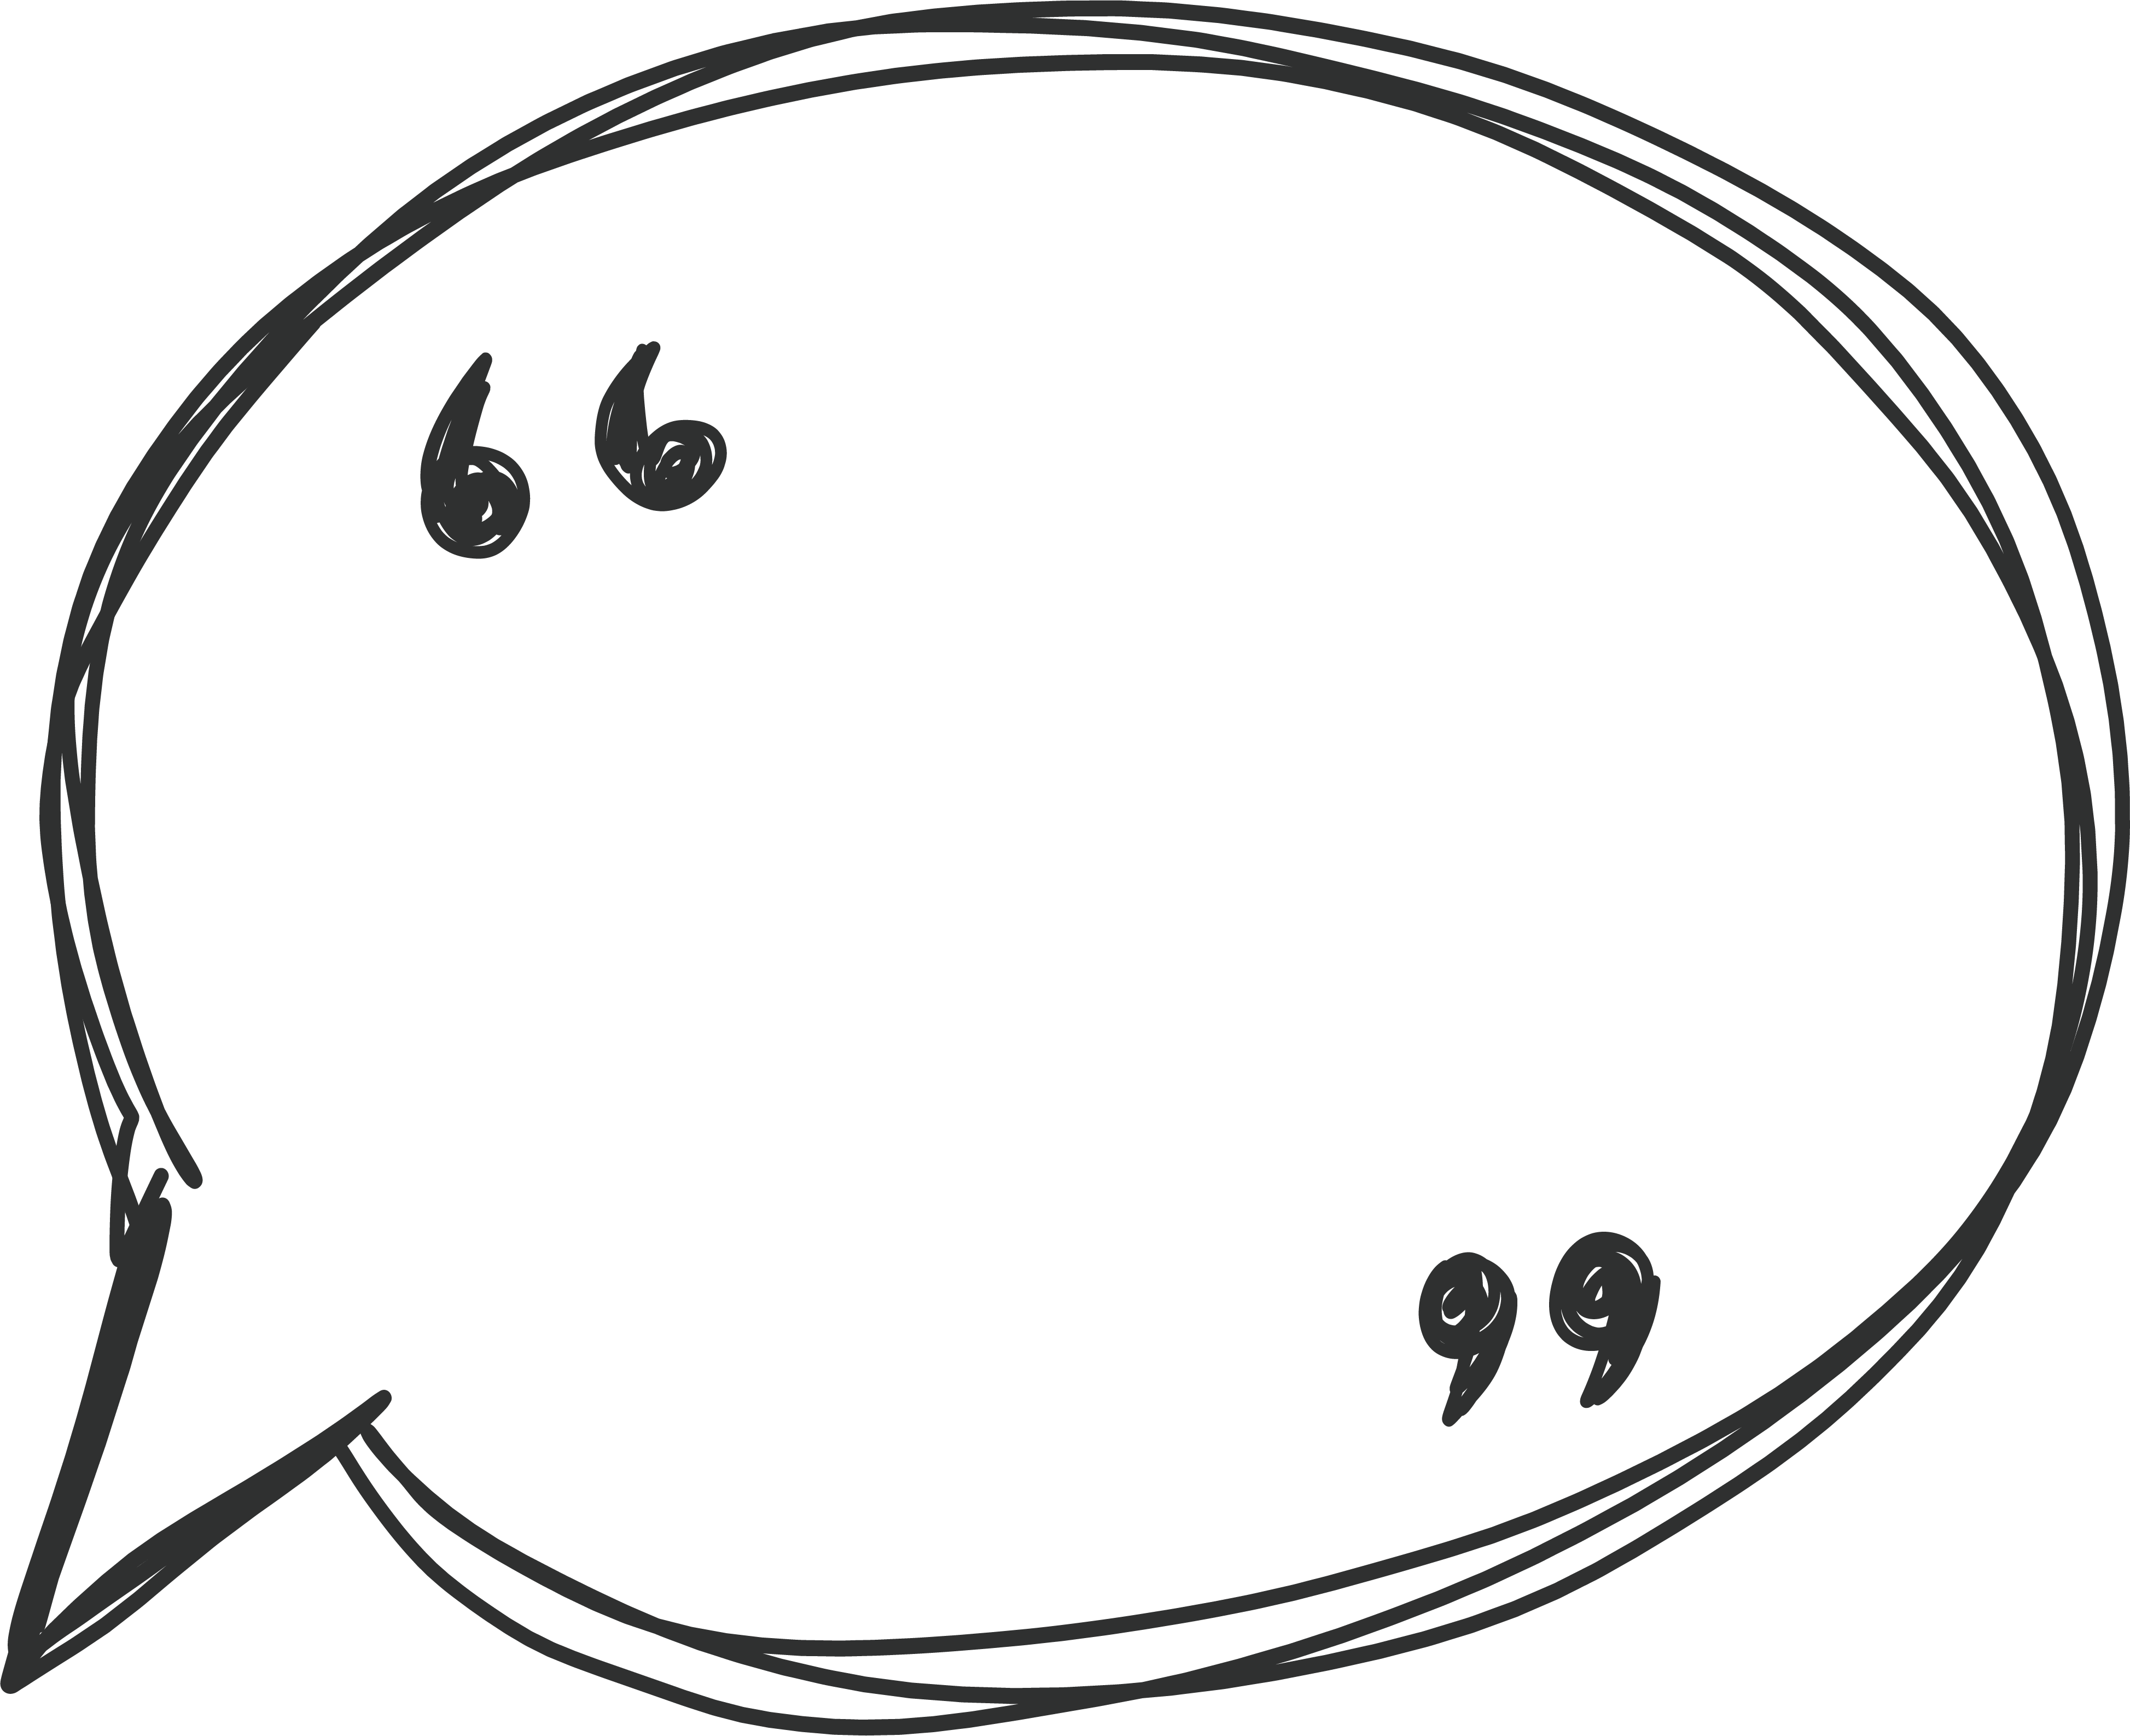 Transparent talking bubble clipart - Speech Bubble Png - Speech Bubble Vector Png